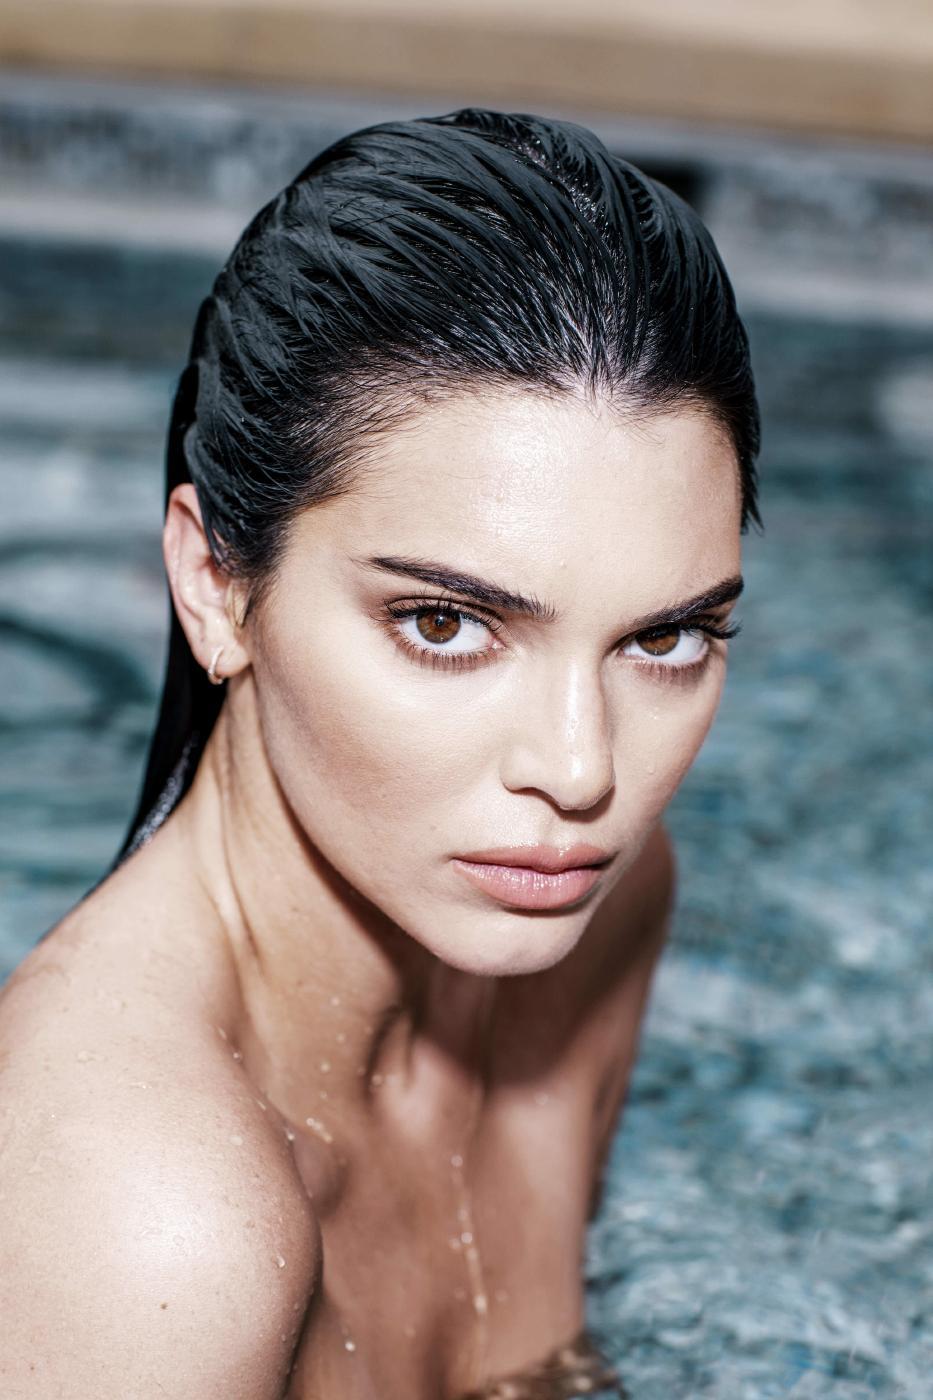 Kendall Jenner Nude Magazine Photoshoot Leaked Iqjdke